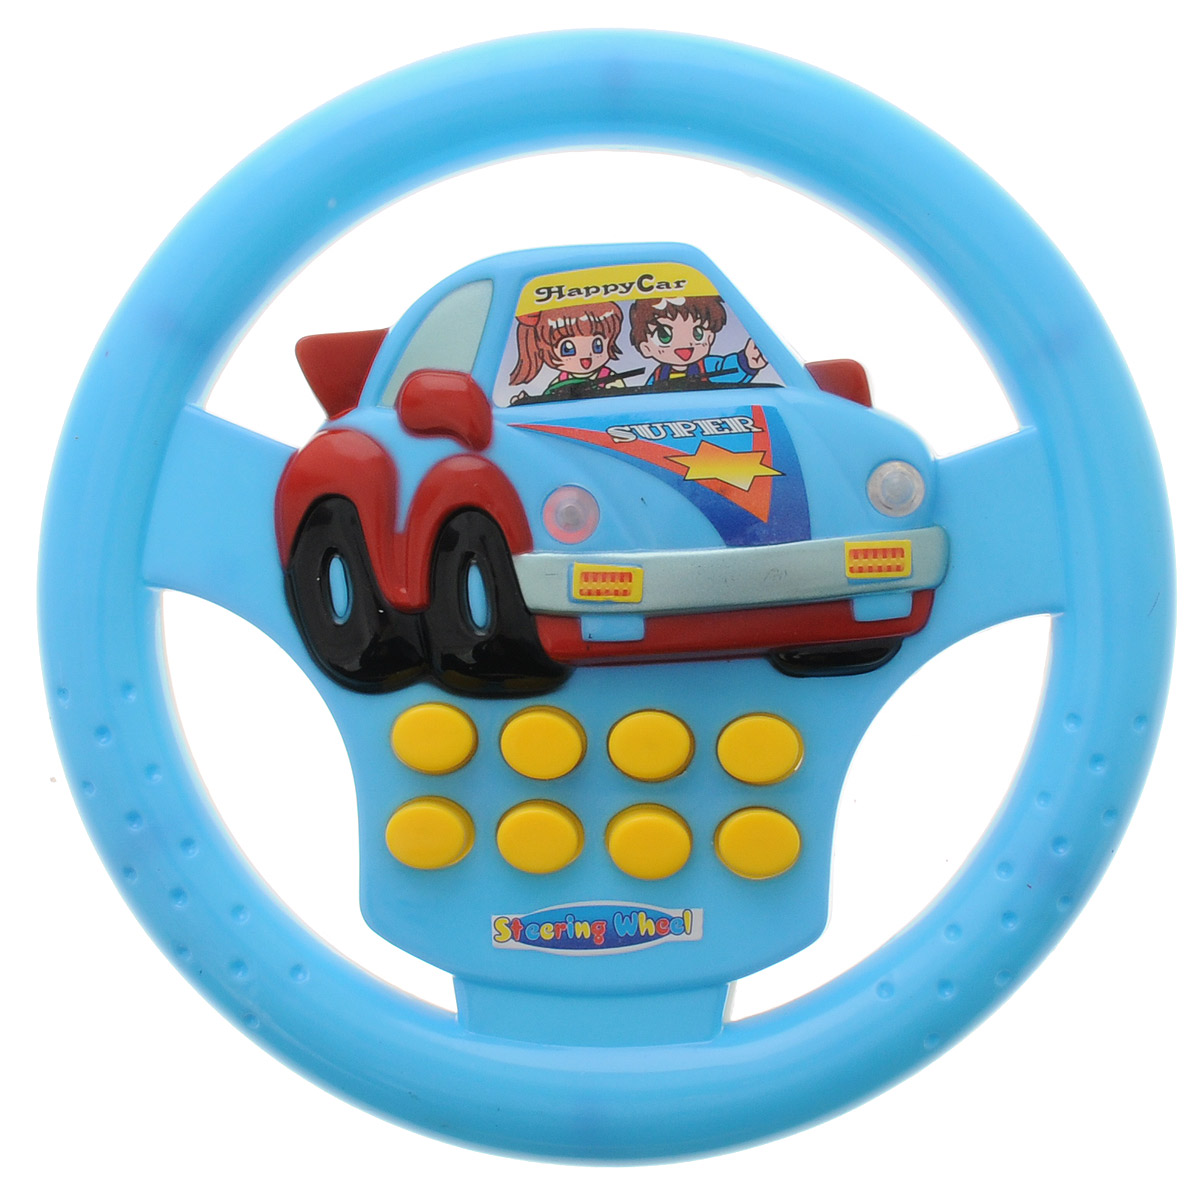 Junfa ToysРазвивающая игрушка Руль со световыми и звуковыми эффектами цвет голубой Junfa Toys Ltd